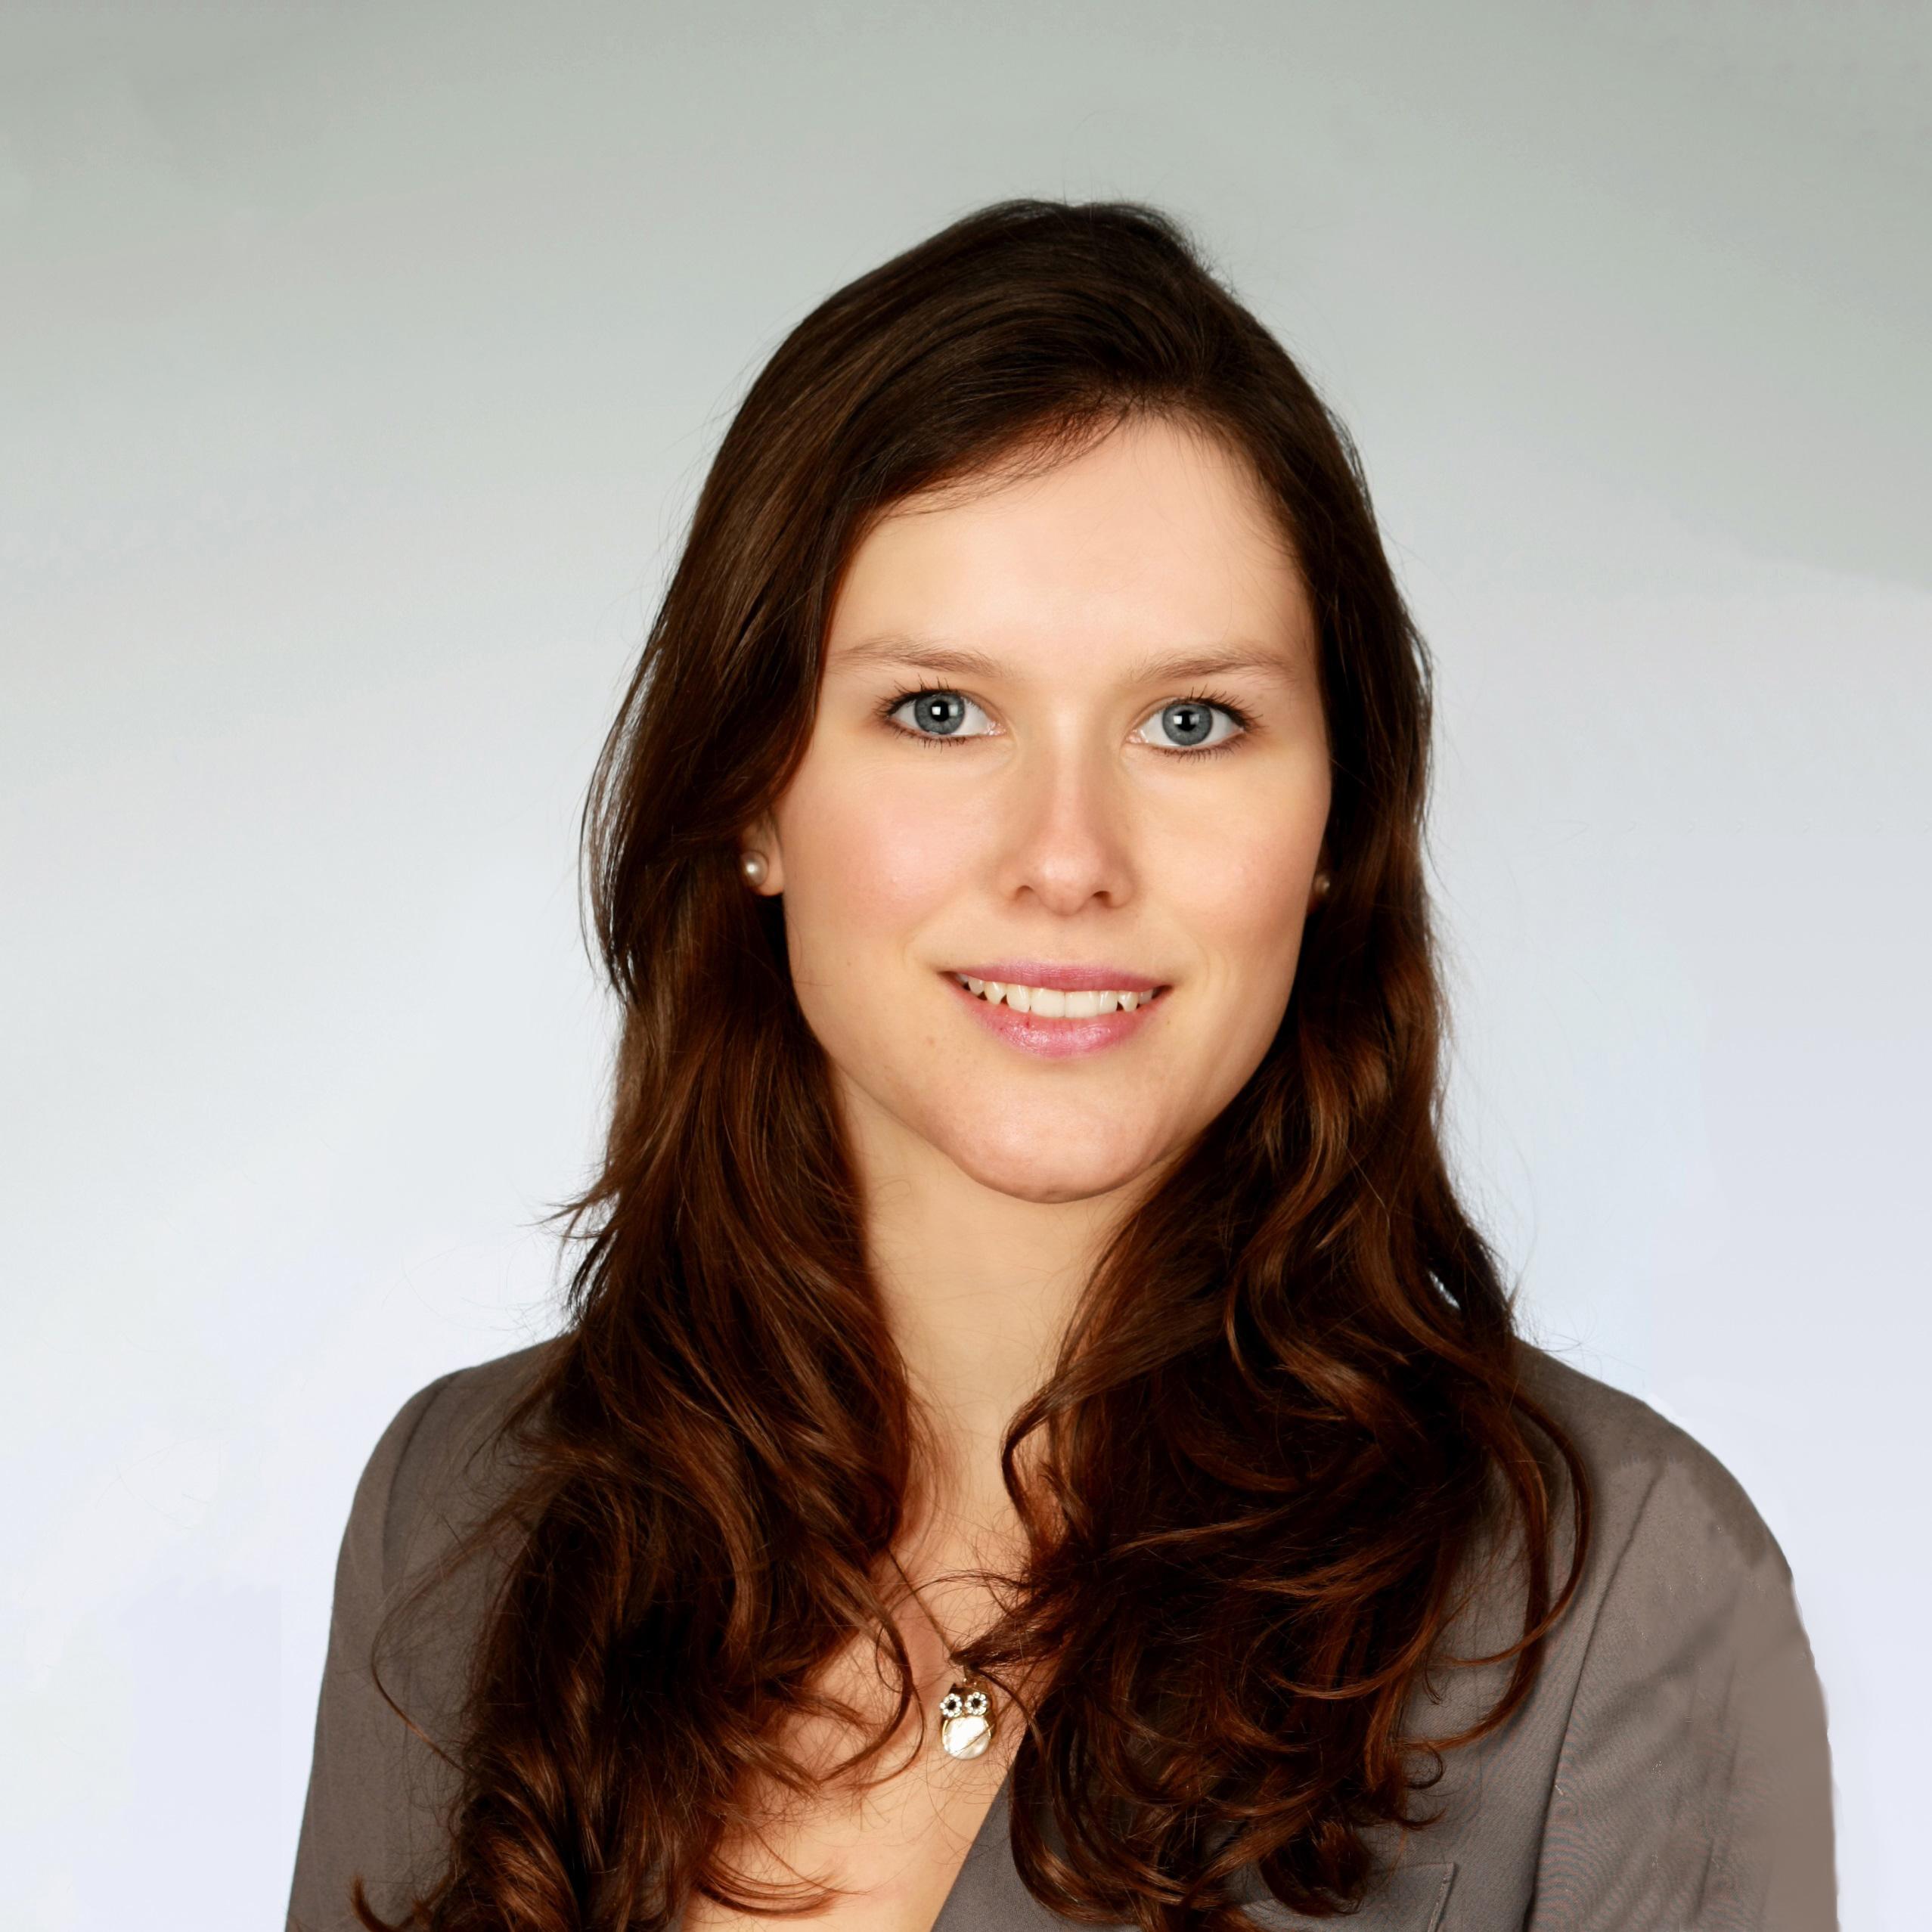 Chantal Beutter